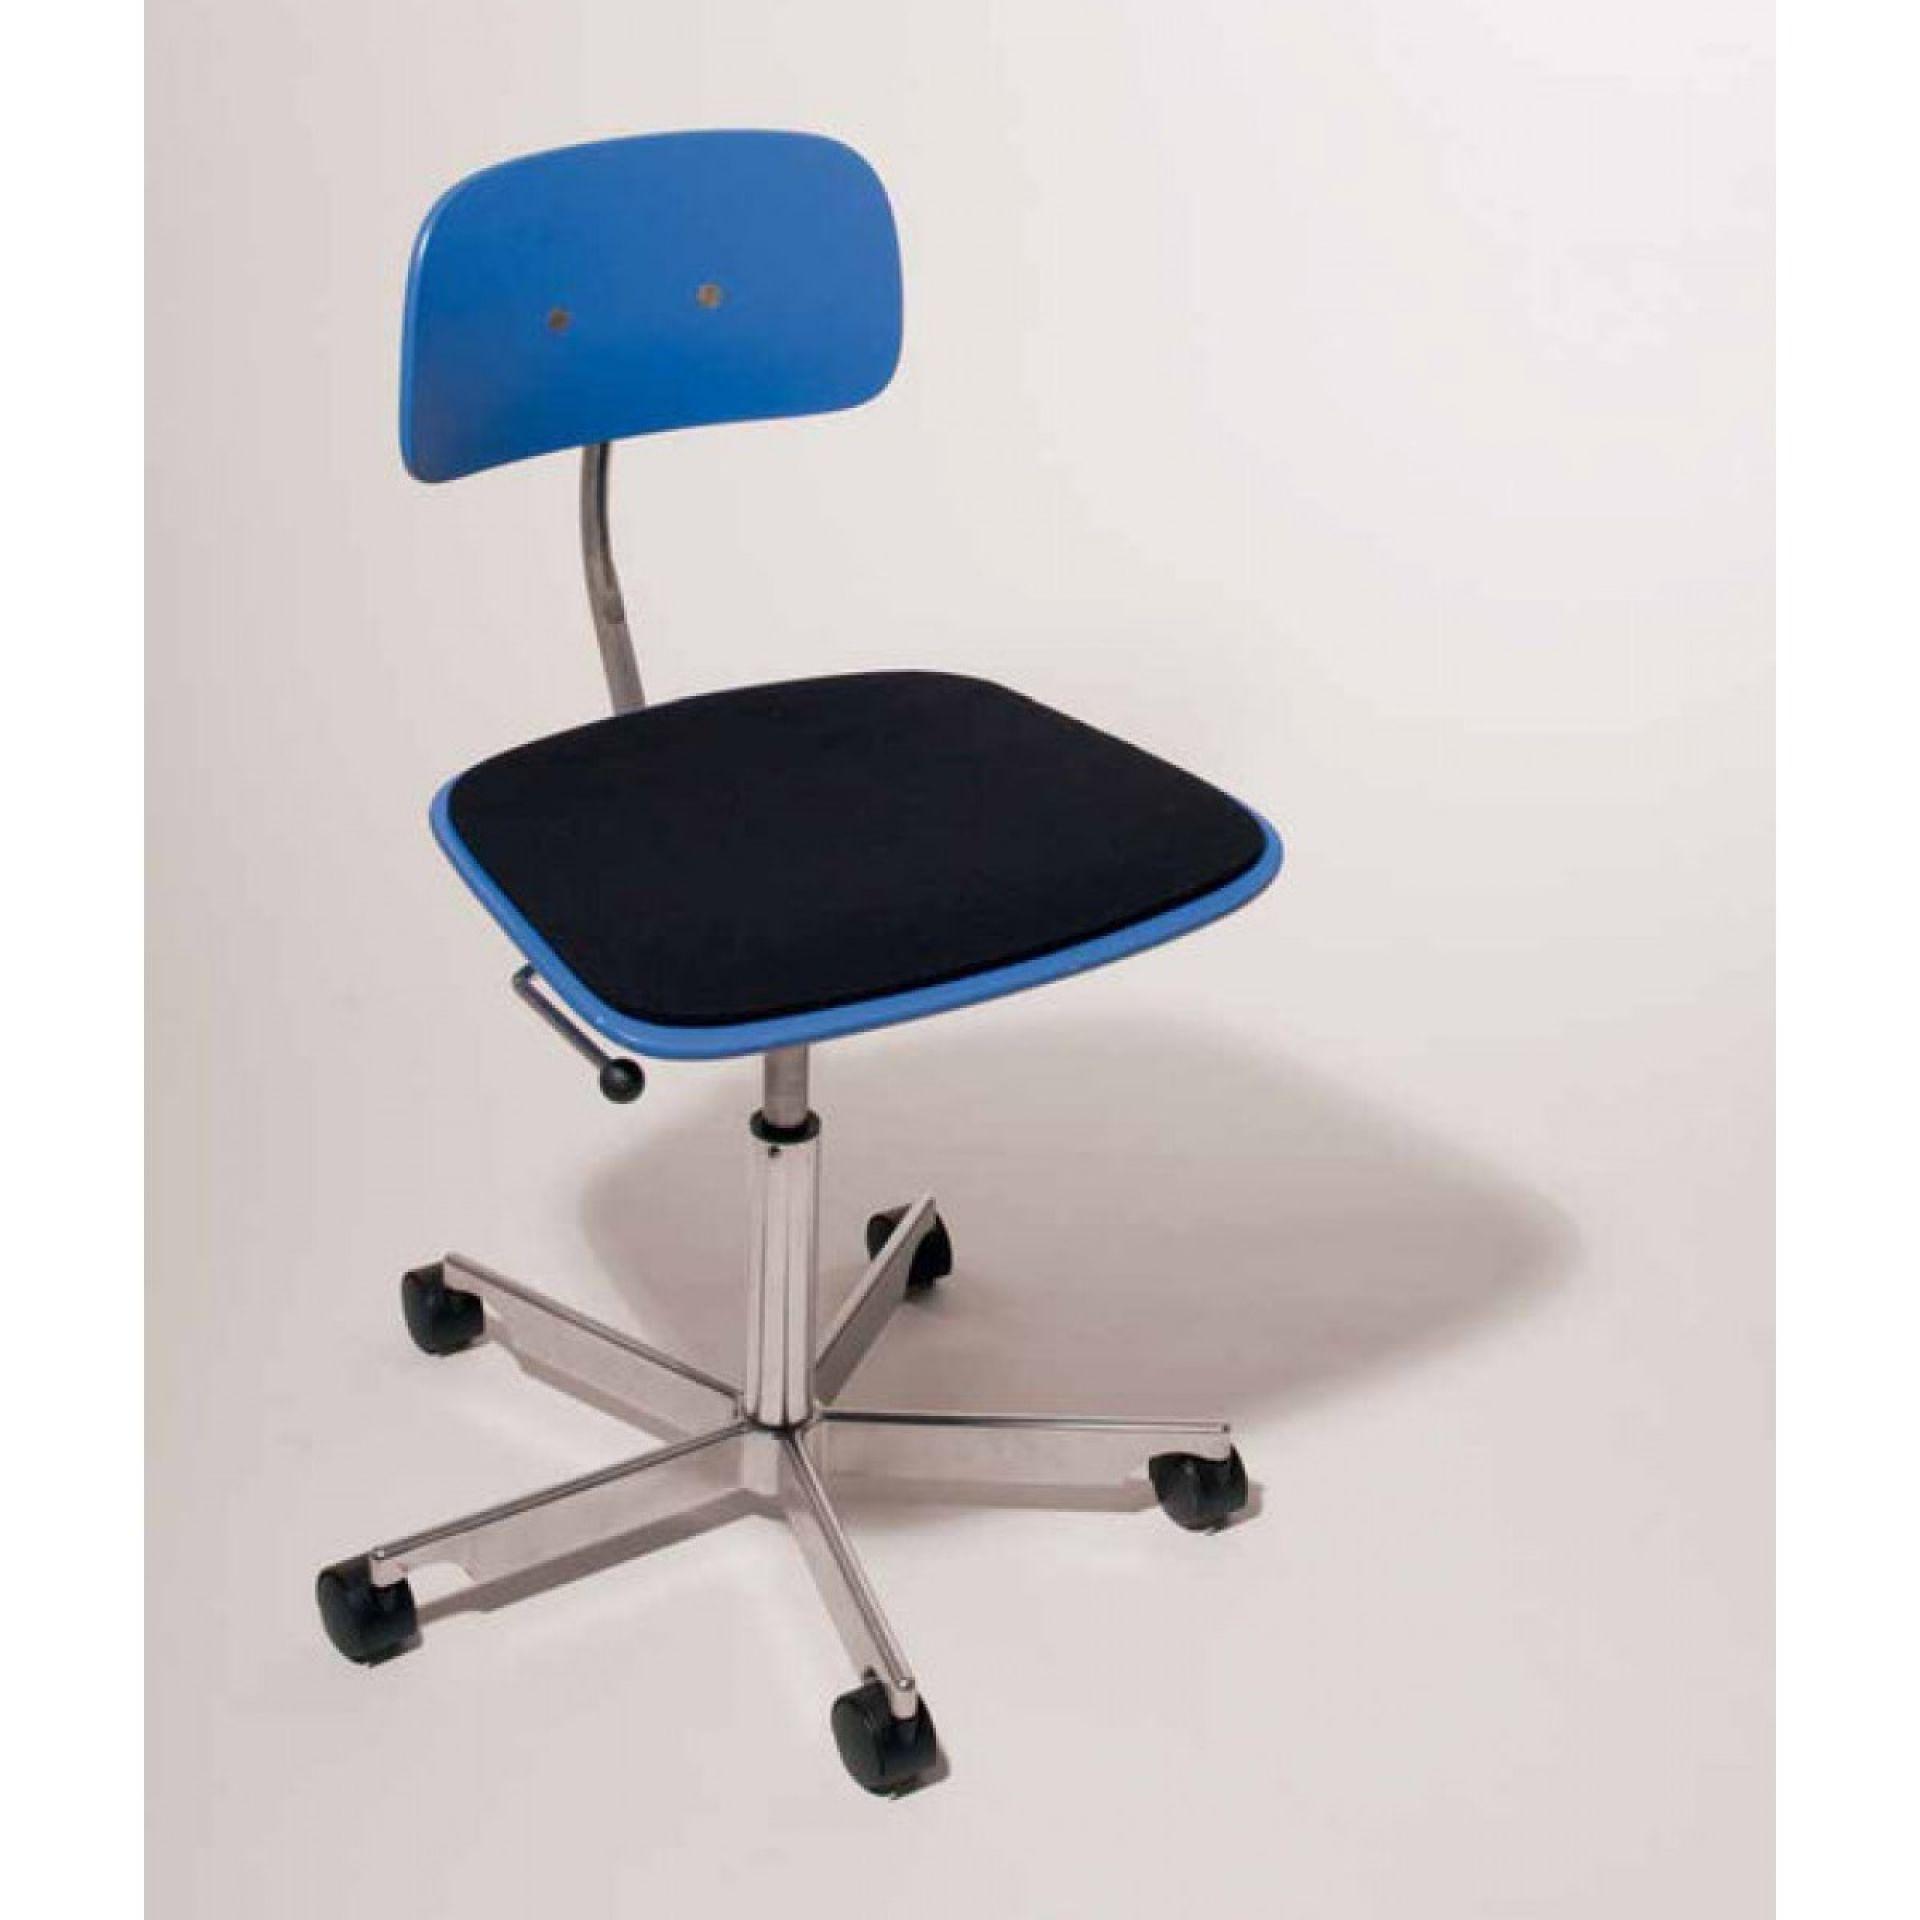 Sitzauflage - Filzauflage für den Kevi Stuhl von J.Rasmussen.